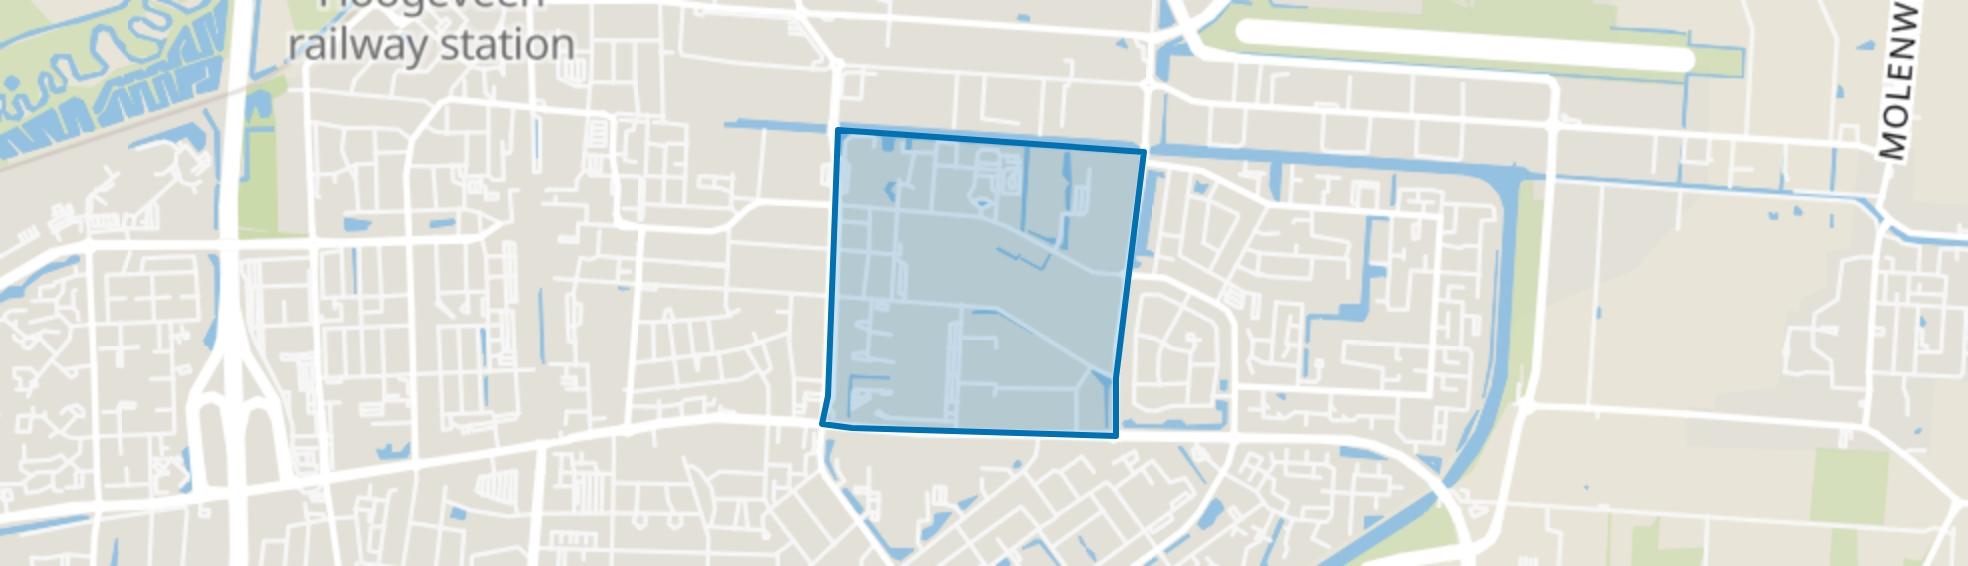 Bentinckspark, Hoogeveen map